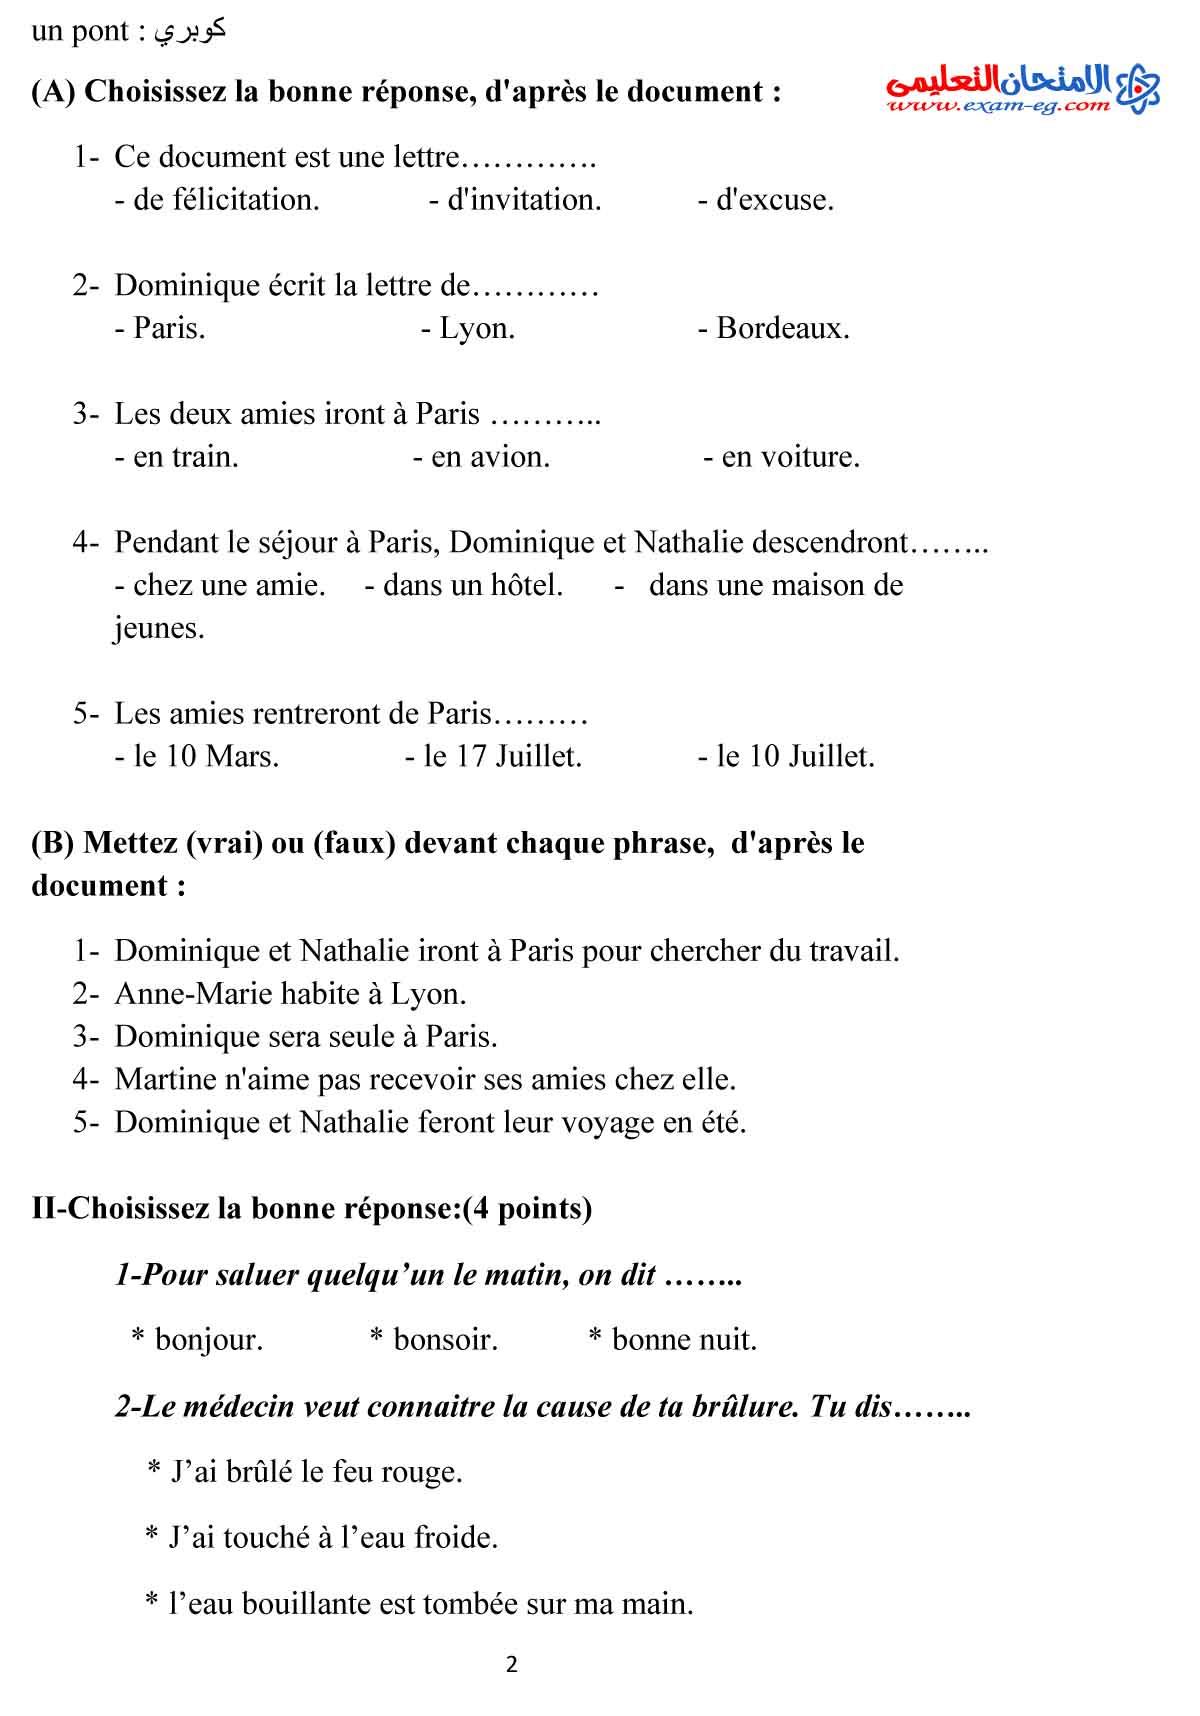 لغة فرنسية 3 - مدرسة اون لاين-2